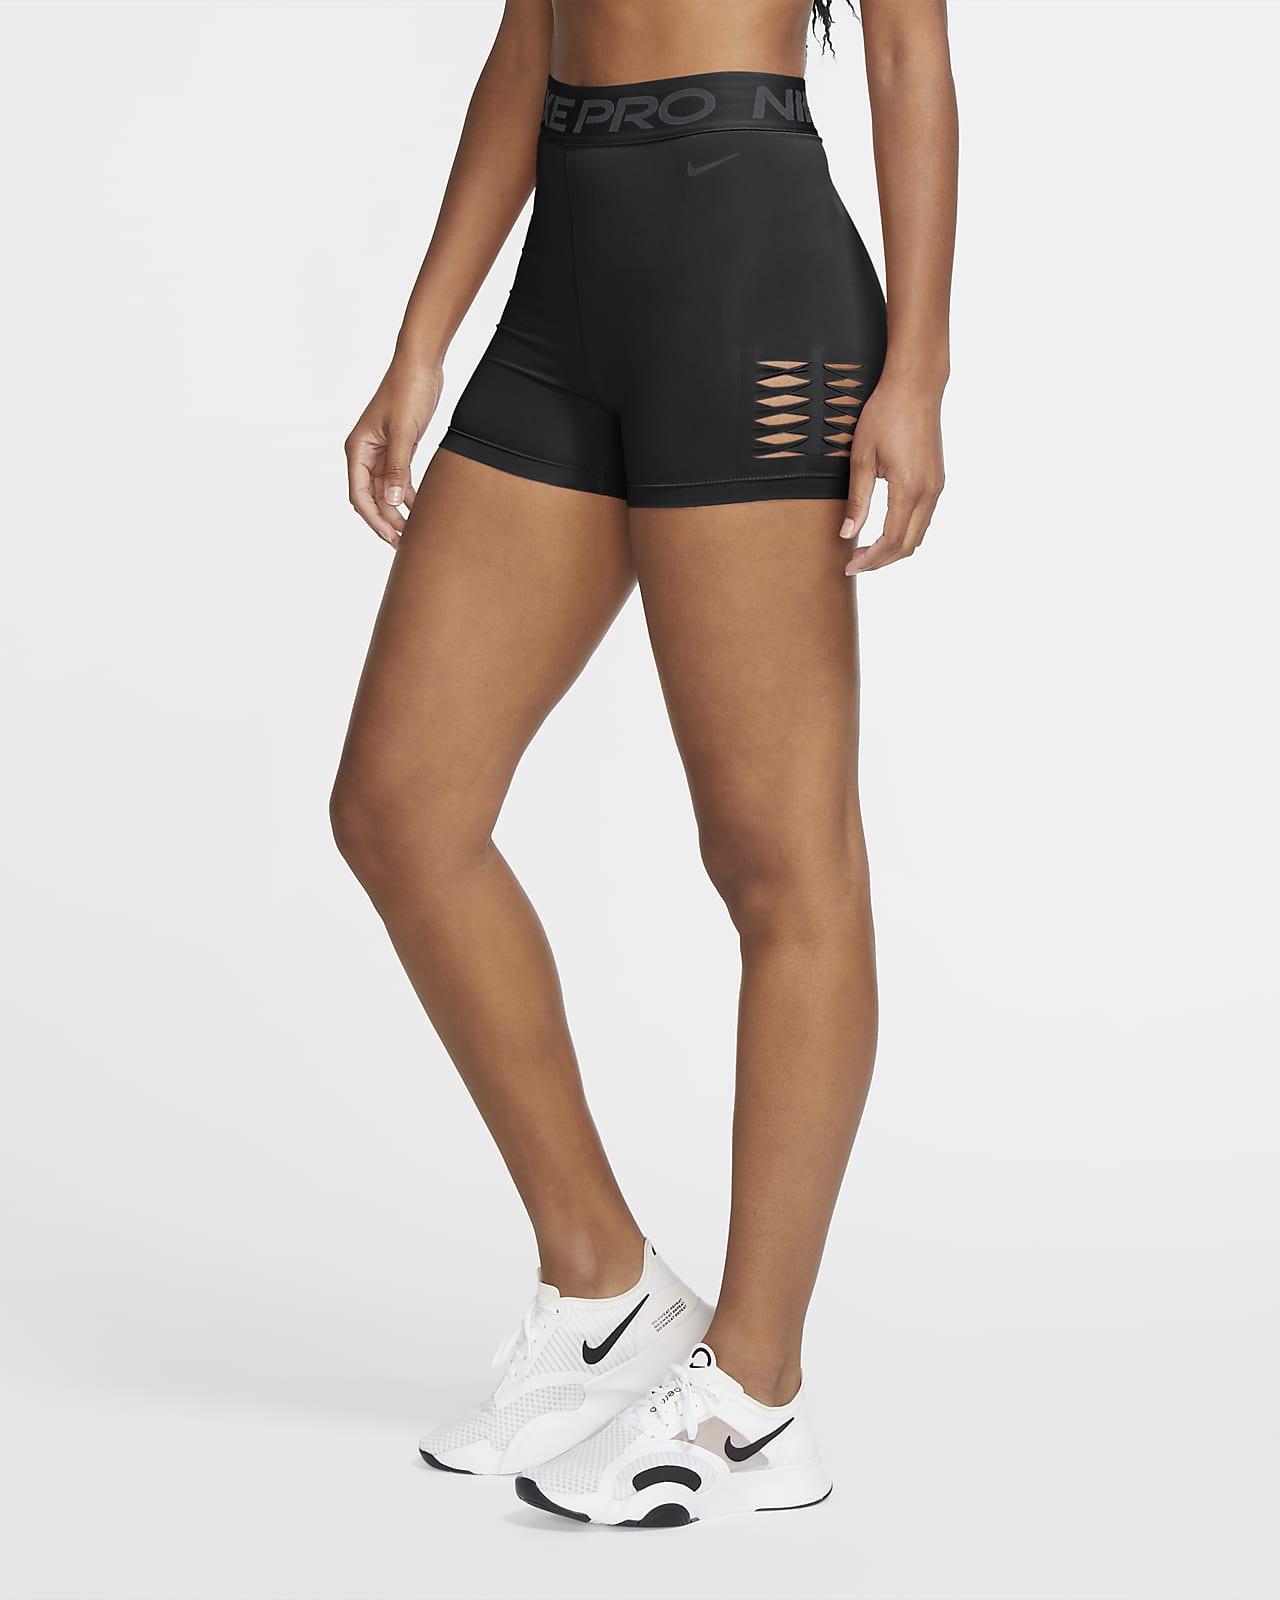 Calções de cintura subida Nike Pro para mulher